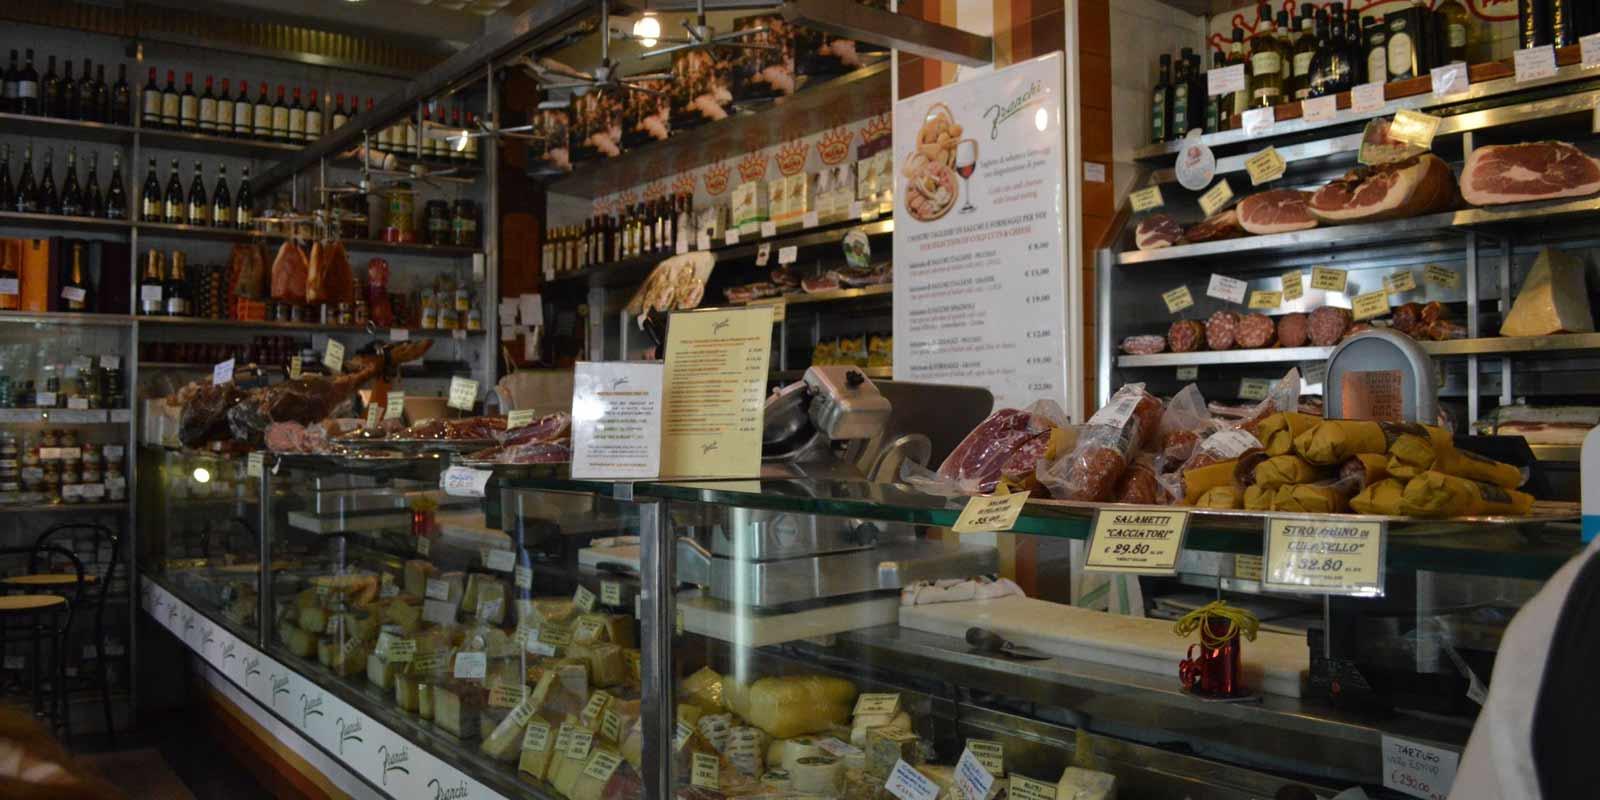 franchi-gastronomia-roma franchi-gastronomia